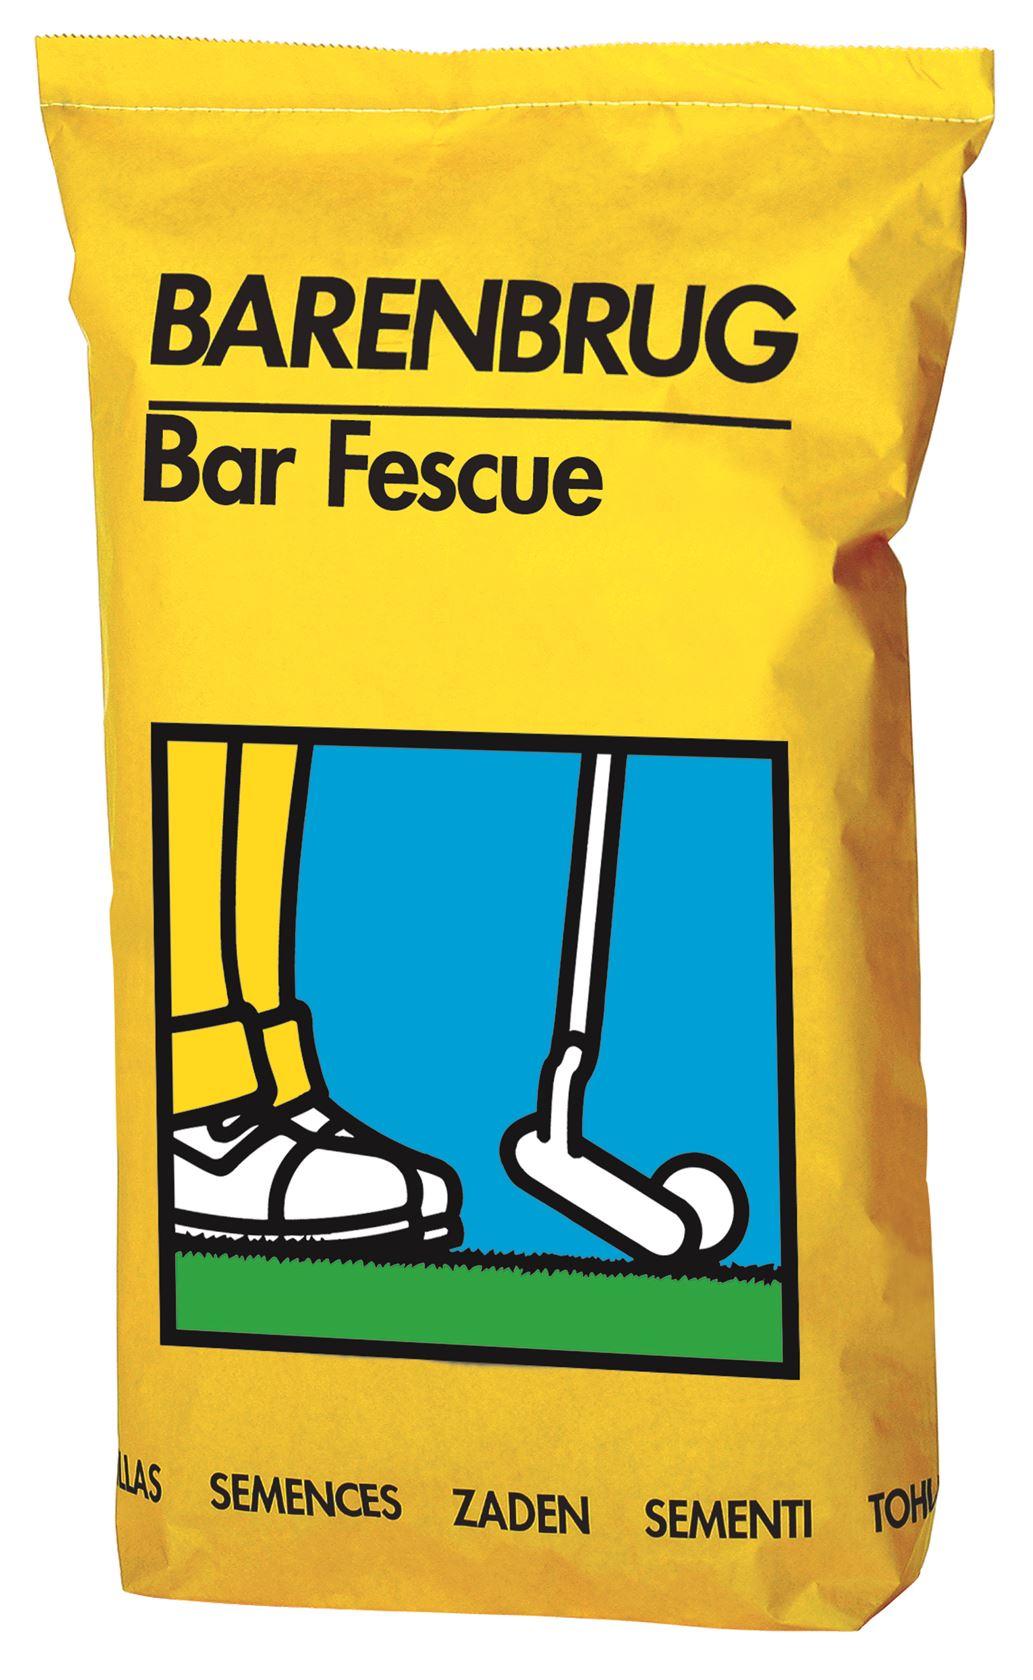 Barenbrug-Bar-Fescue-15kg-het-graszaad-voor-de-golfer-